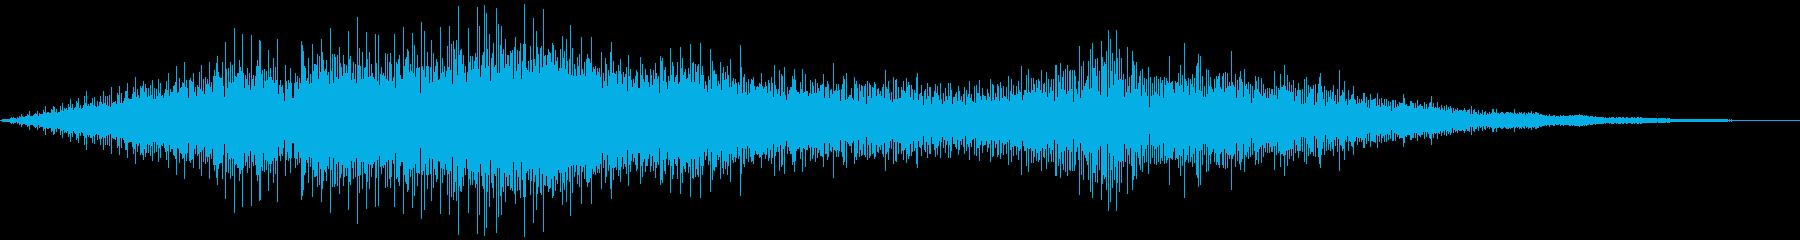 上空を飛ぶプロペラ機の再生済みの波形